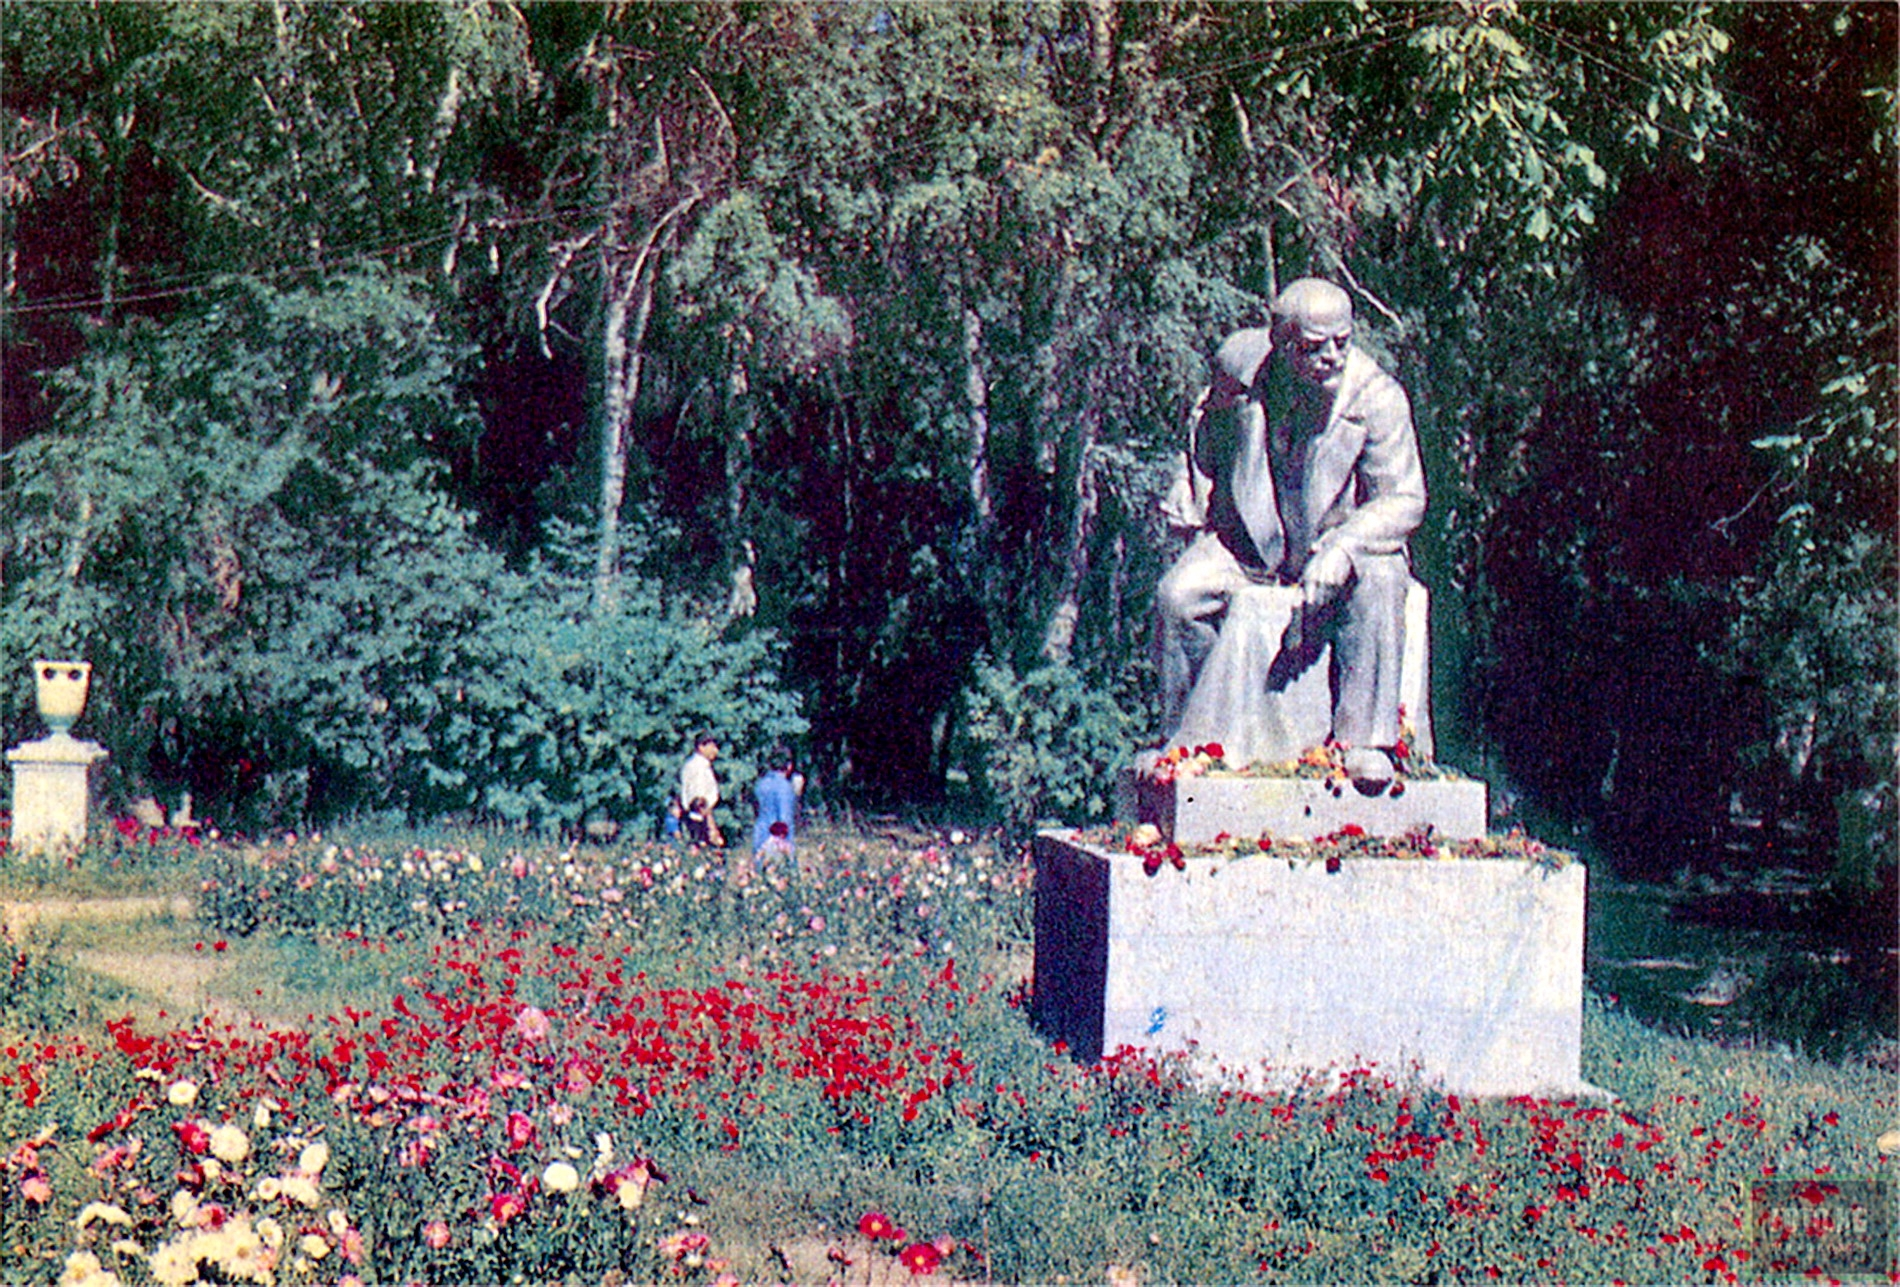 Пржевальск. Скульптура В.И.Ленина, в городском парке им. А.С.Пушкина Фото:1969 год